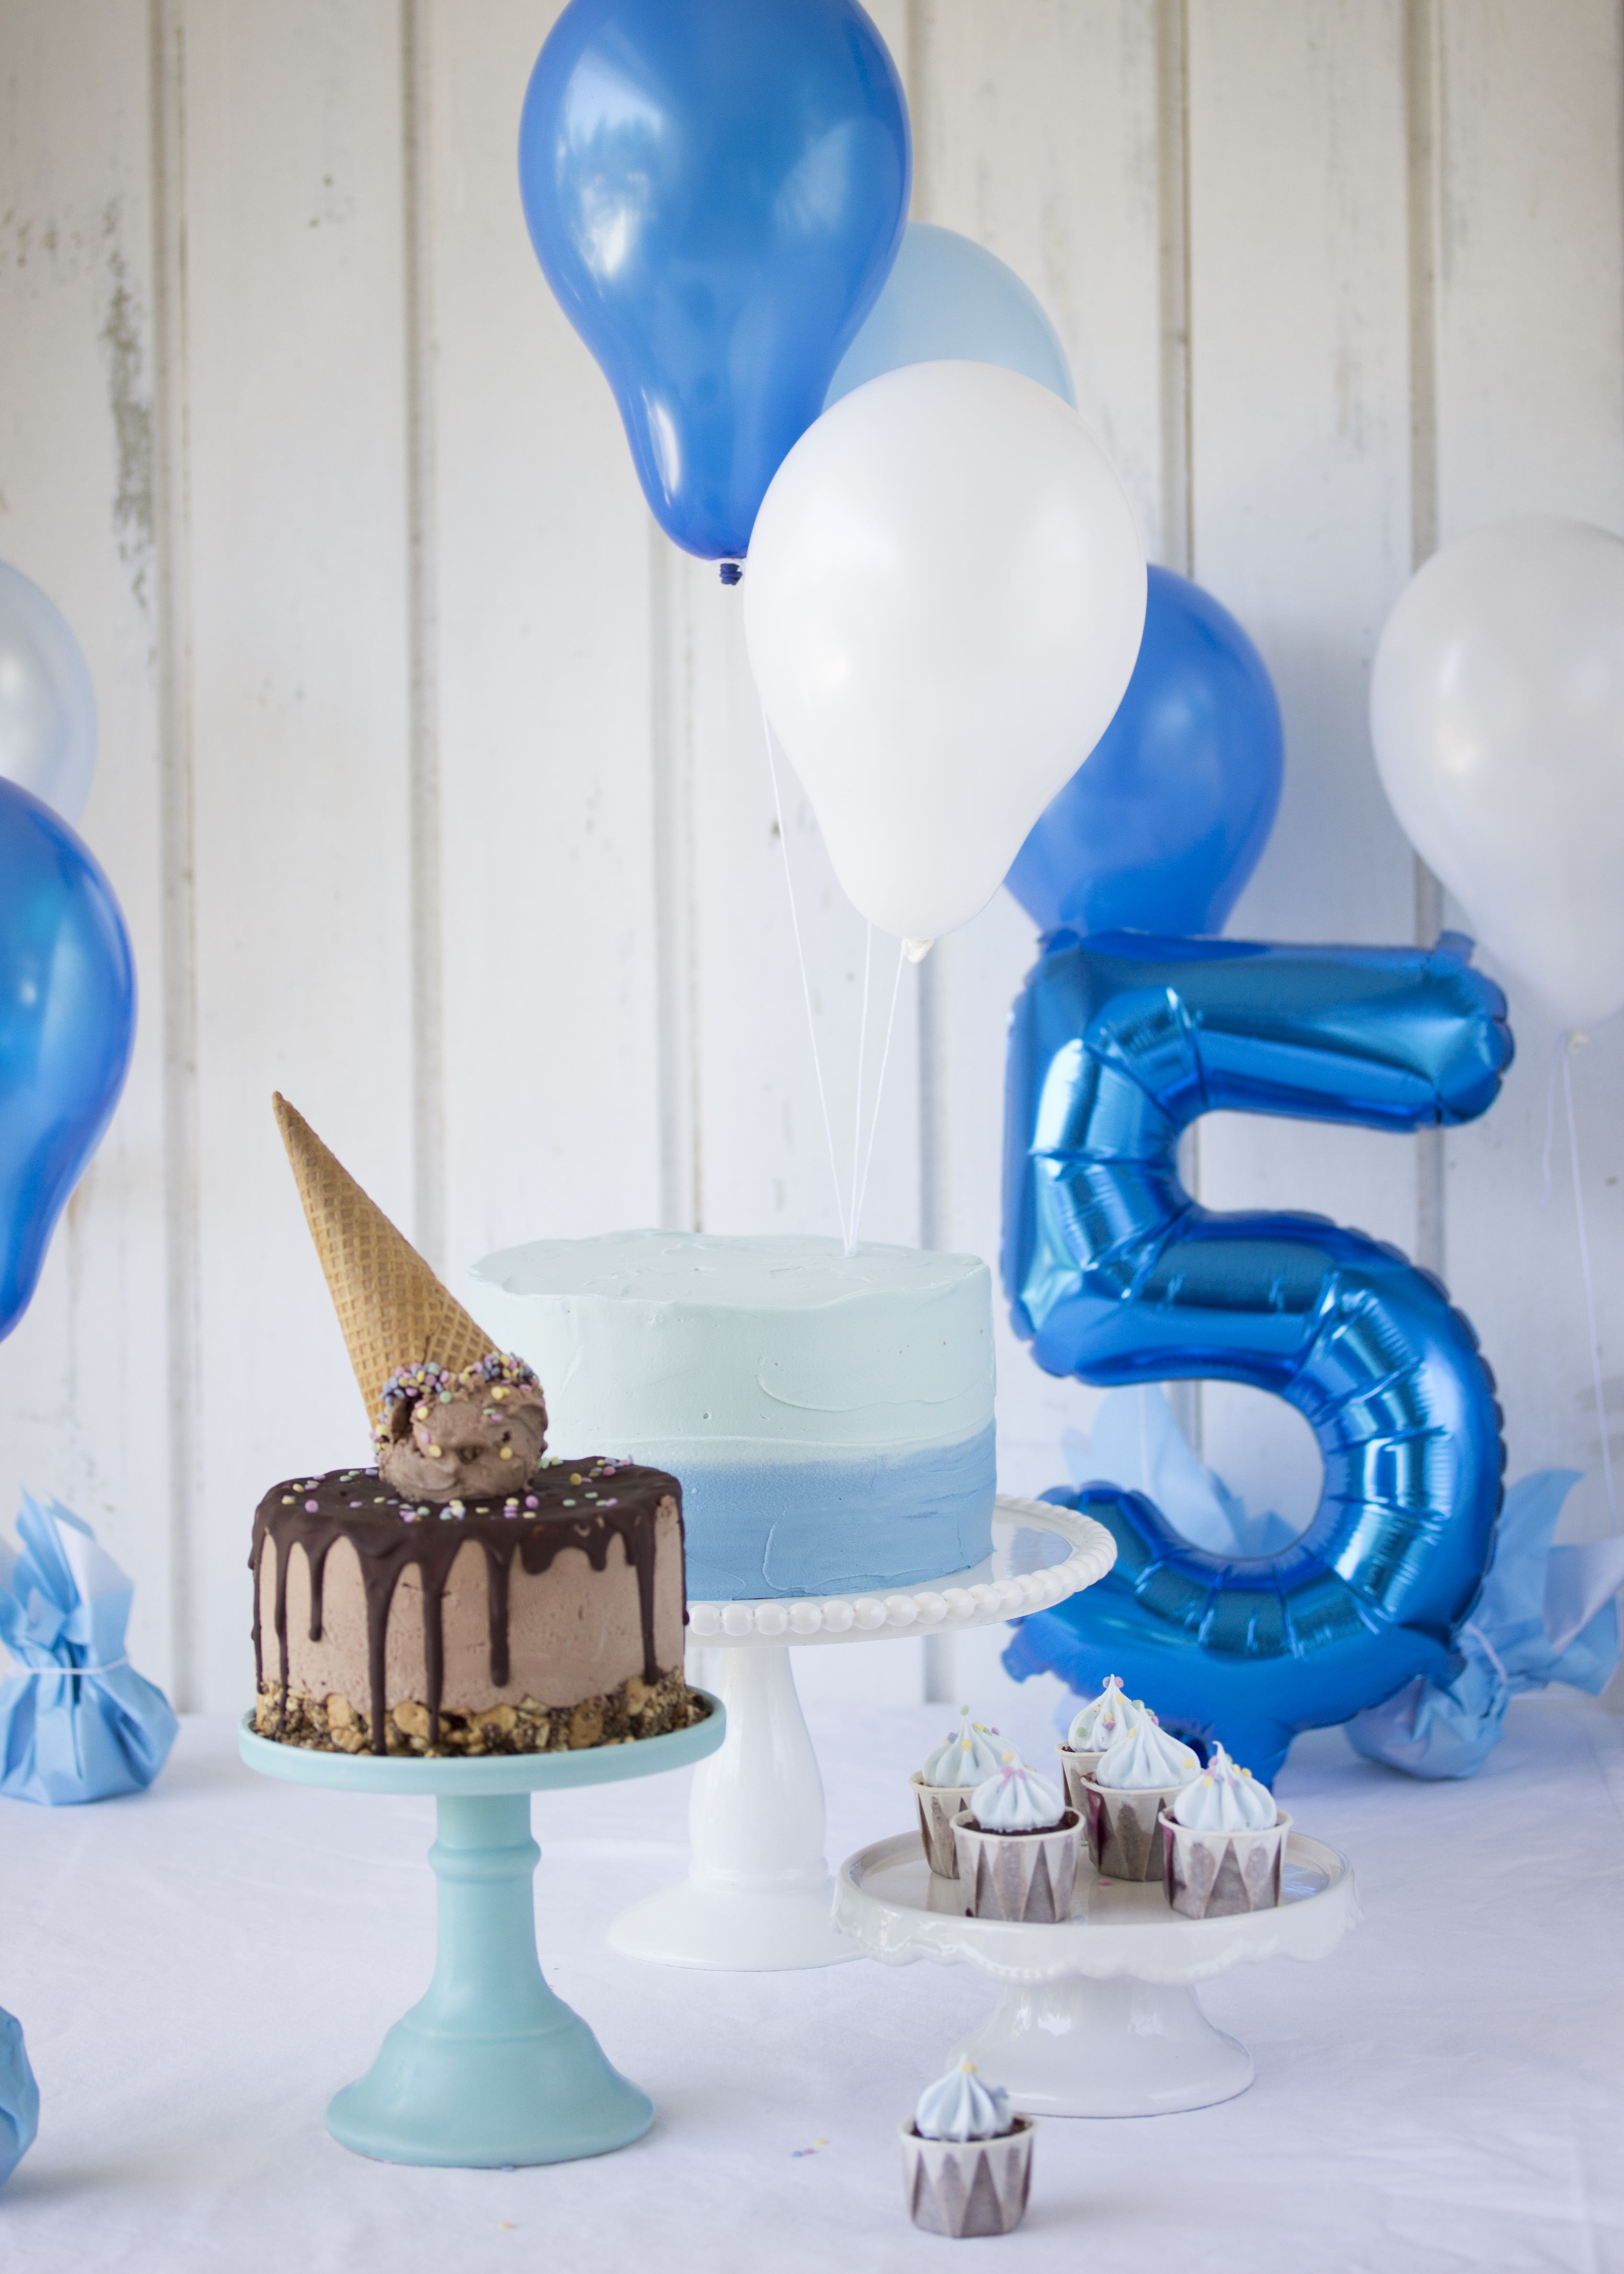 Sweettable in blau zum 5. Geburtstag